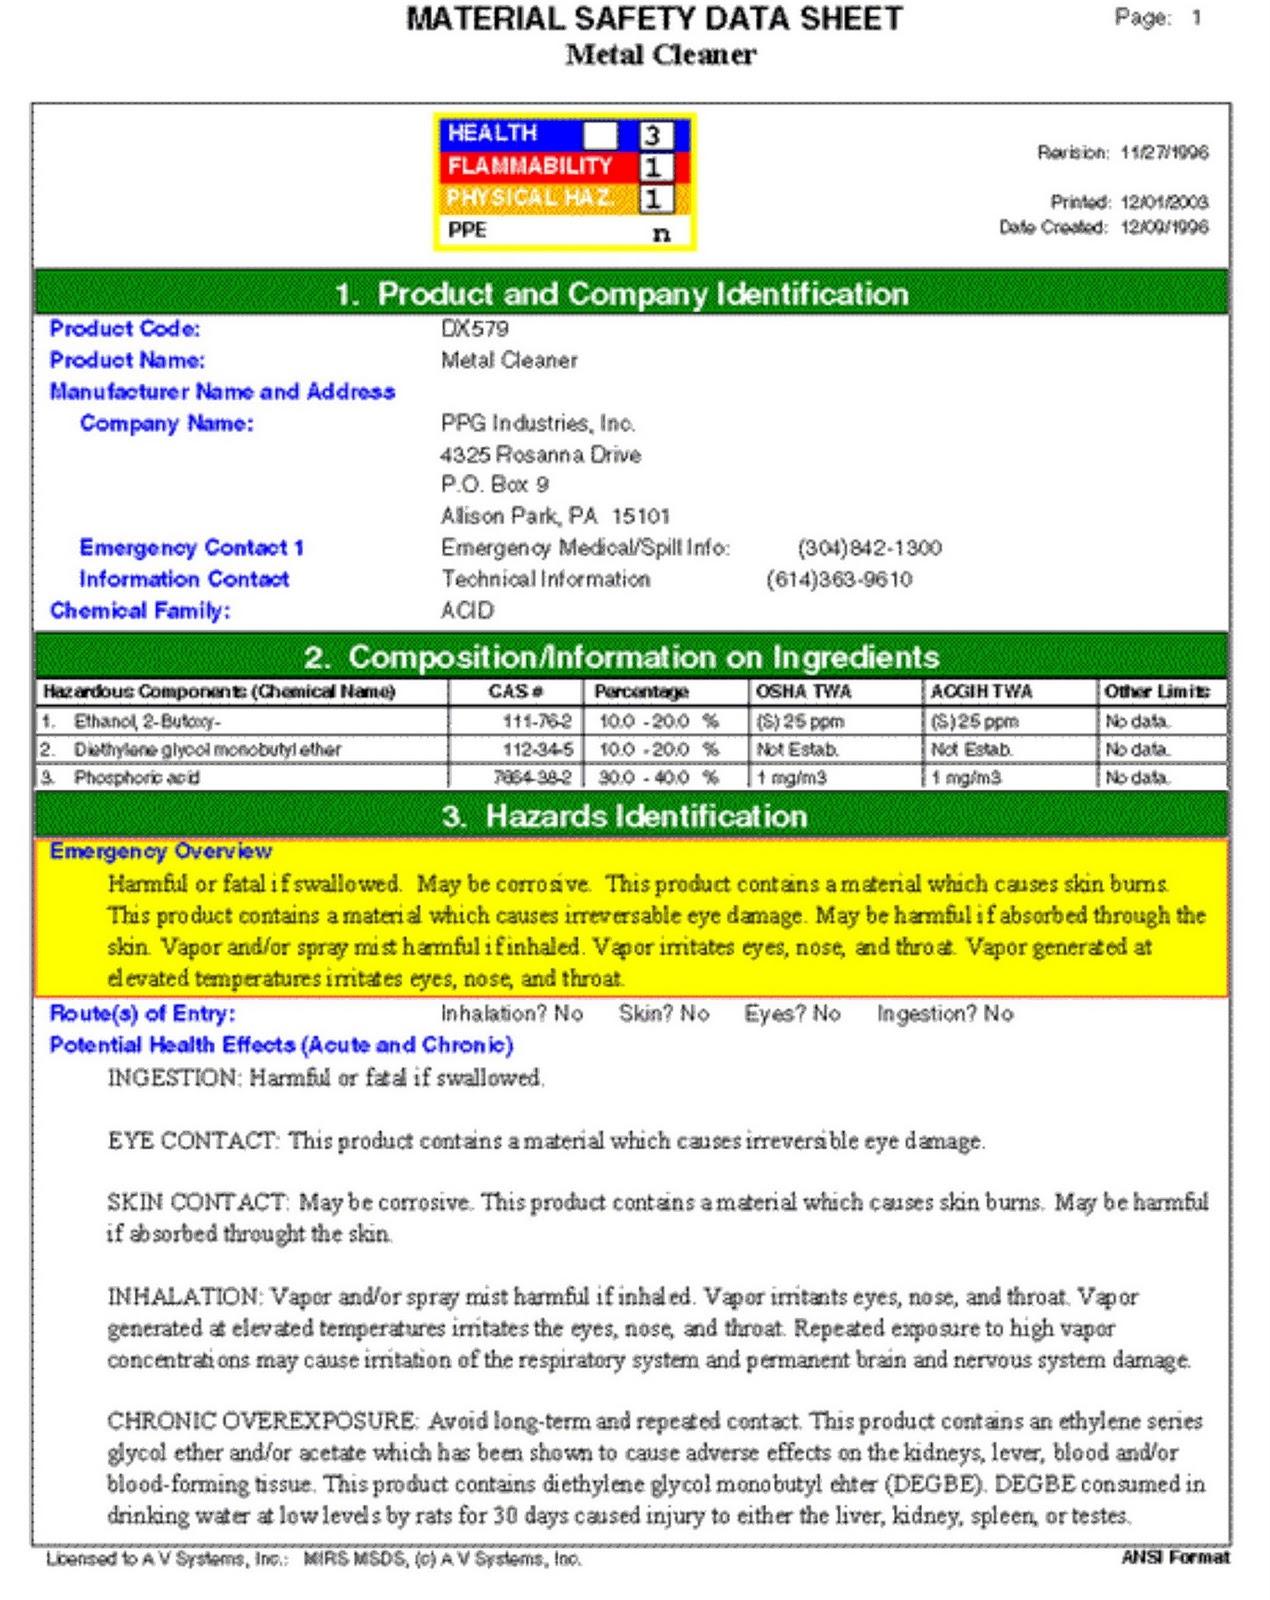 Lansida: Material Safety Data Sheet (MSDS)